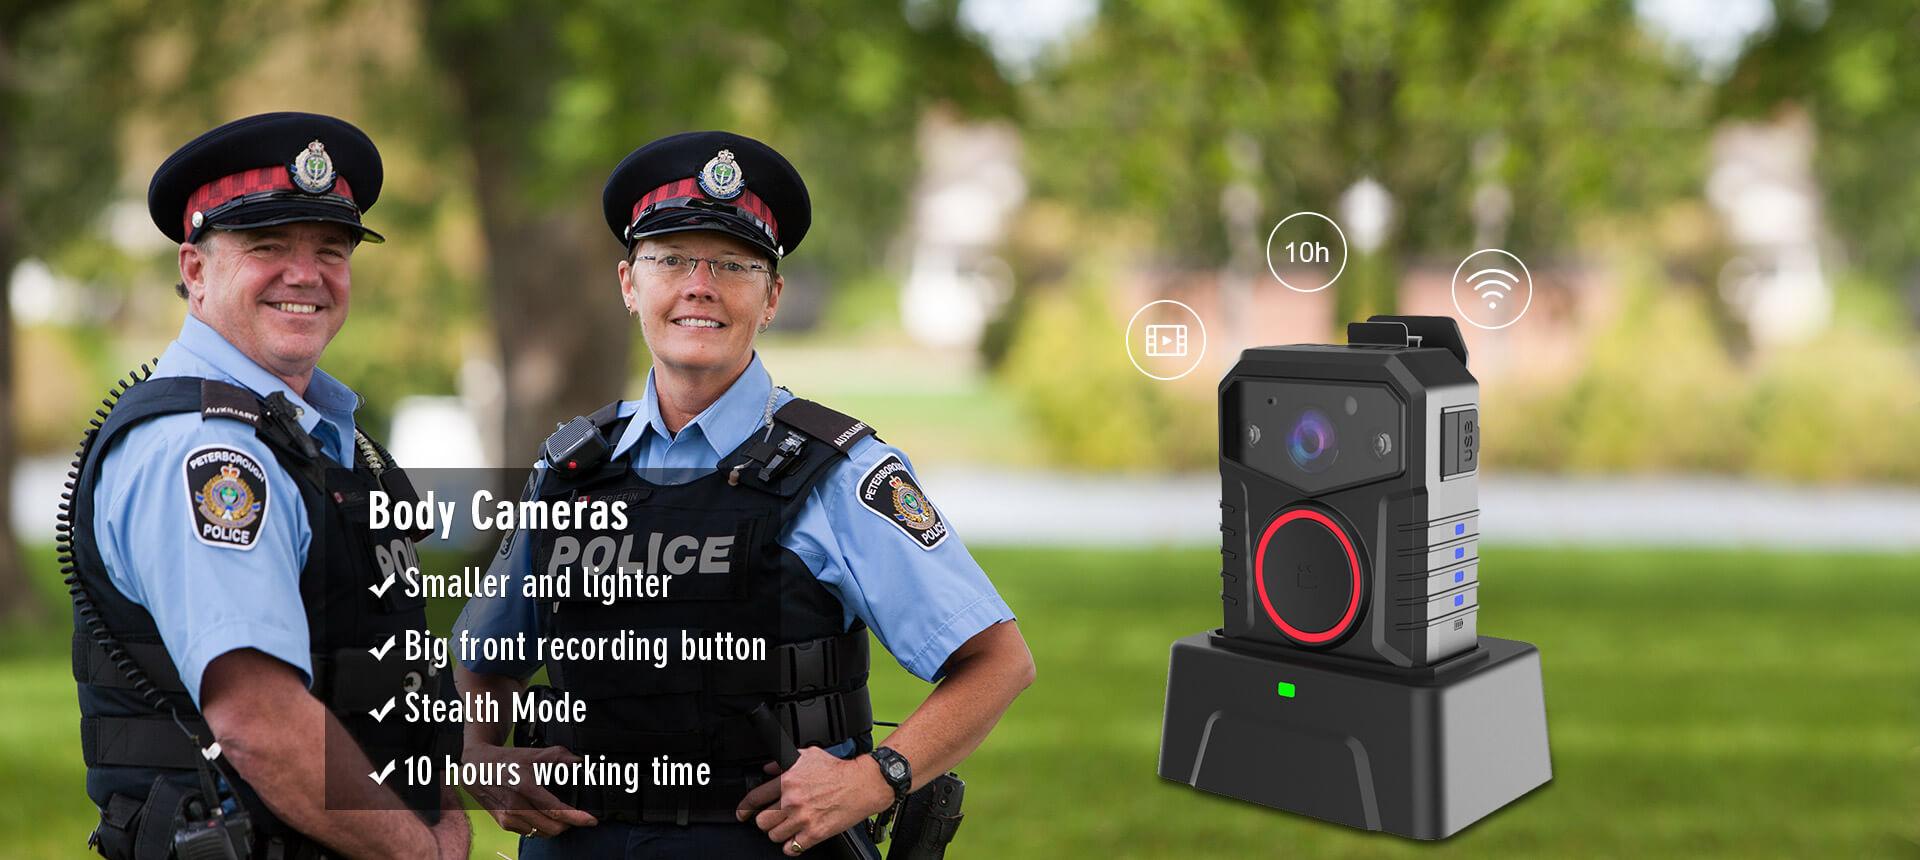 WiFi Police Body Camera